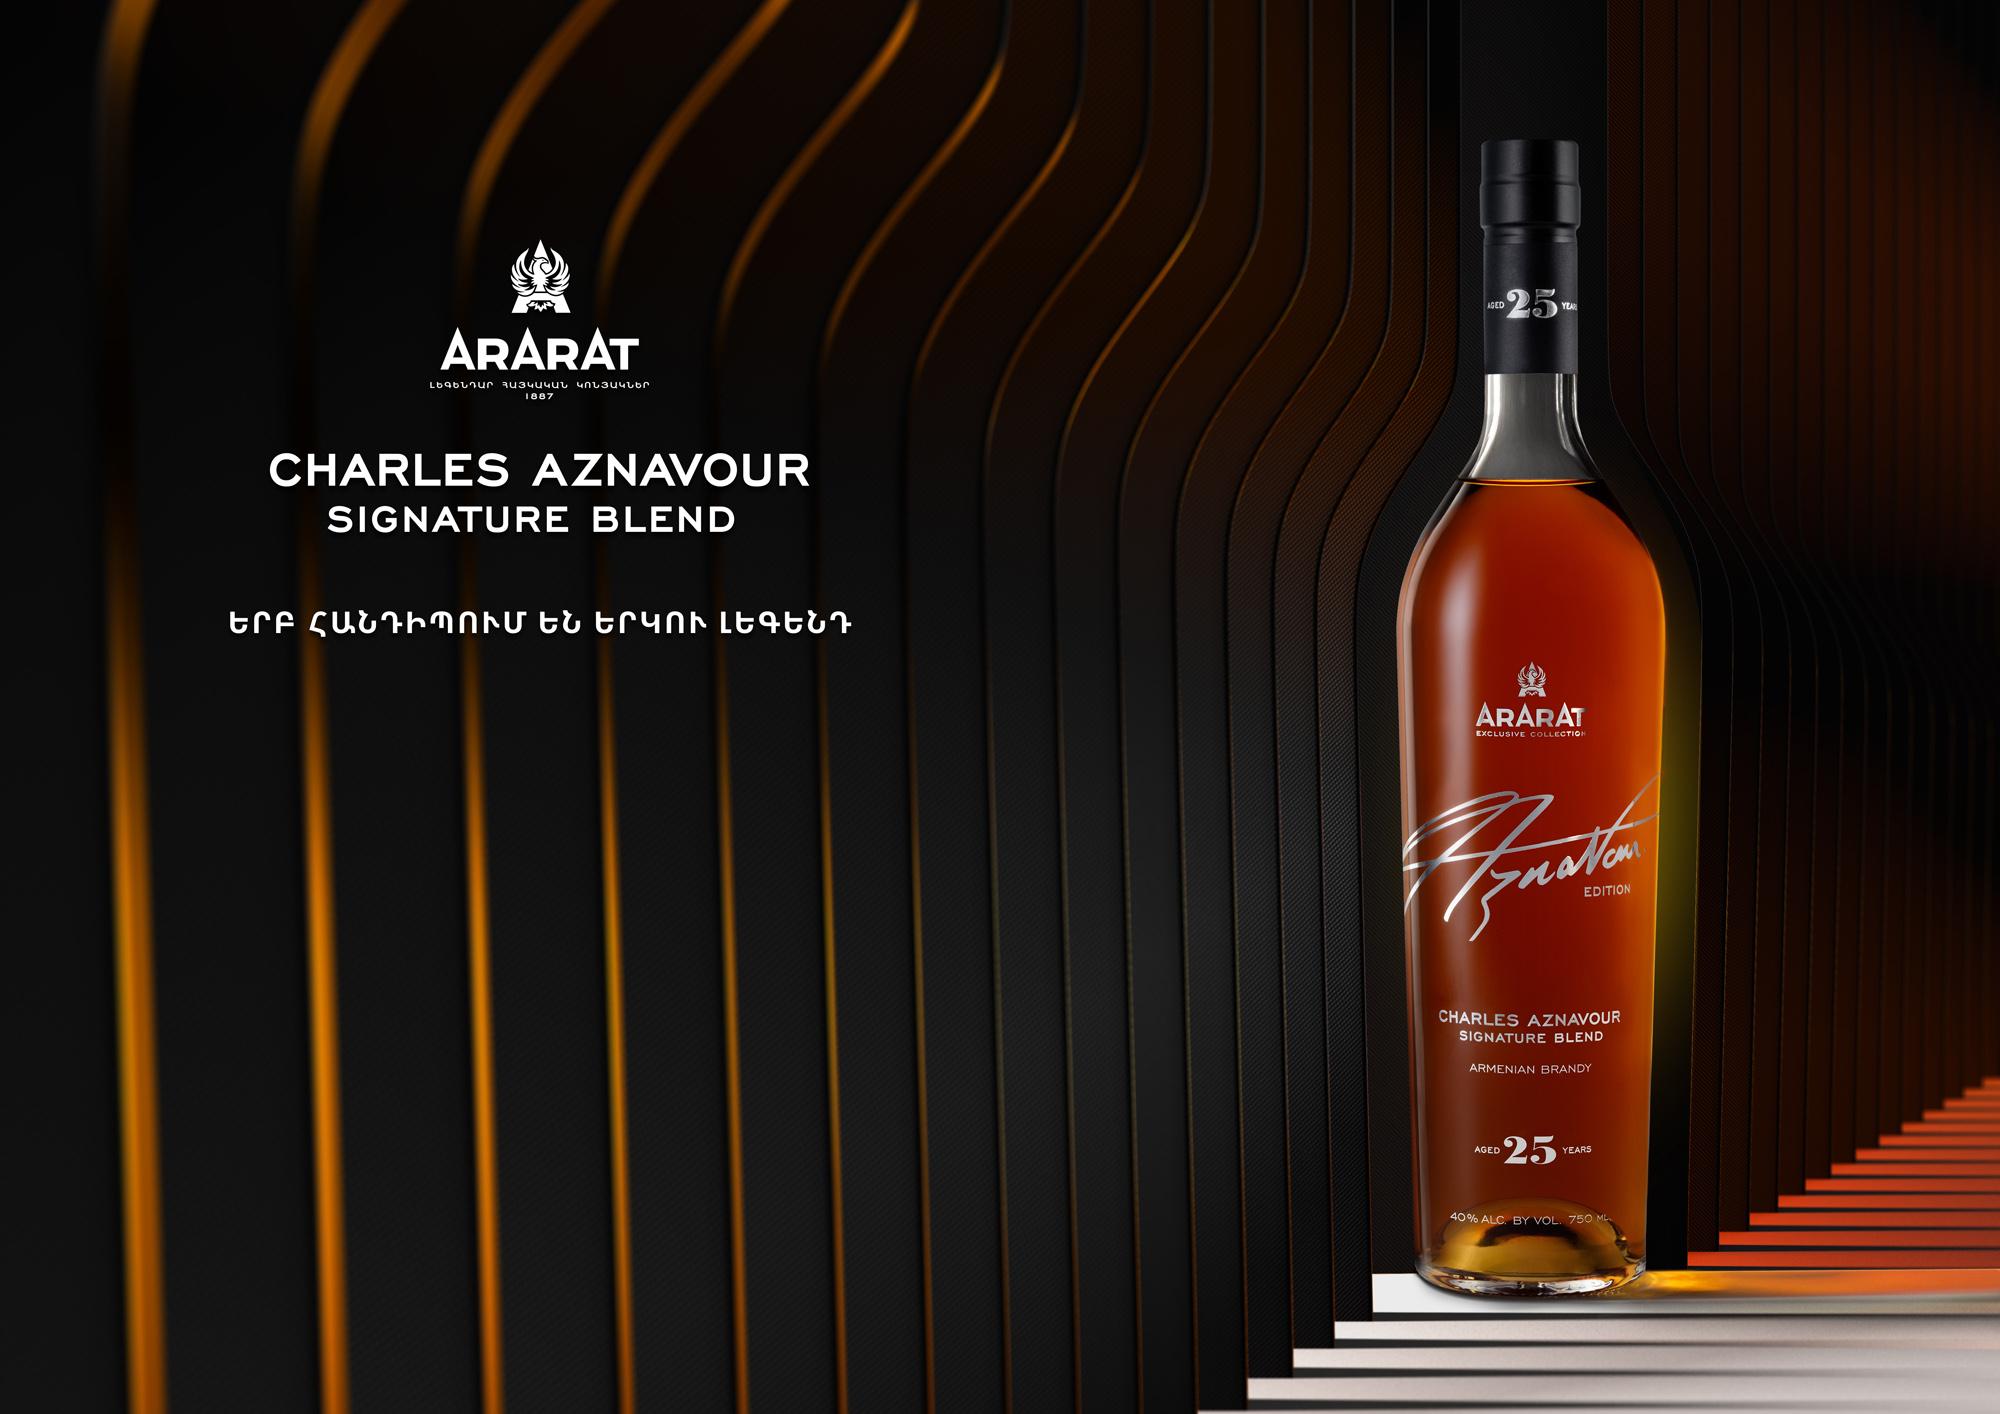 Մեկնարկել է ARARAT Charles Aznavour Signature Blend նախագիծը